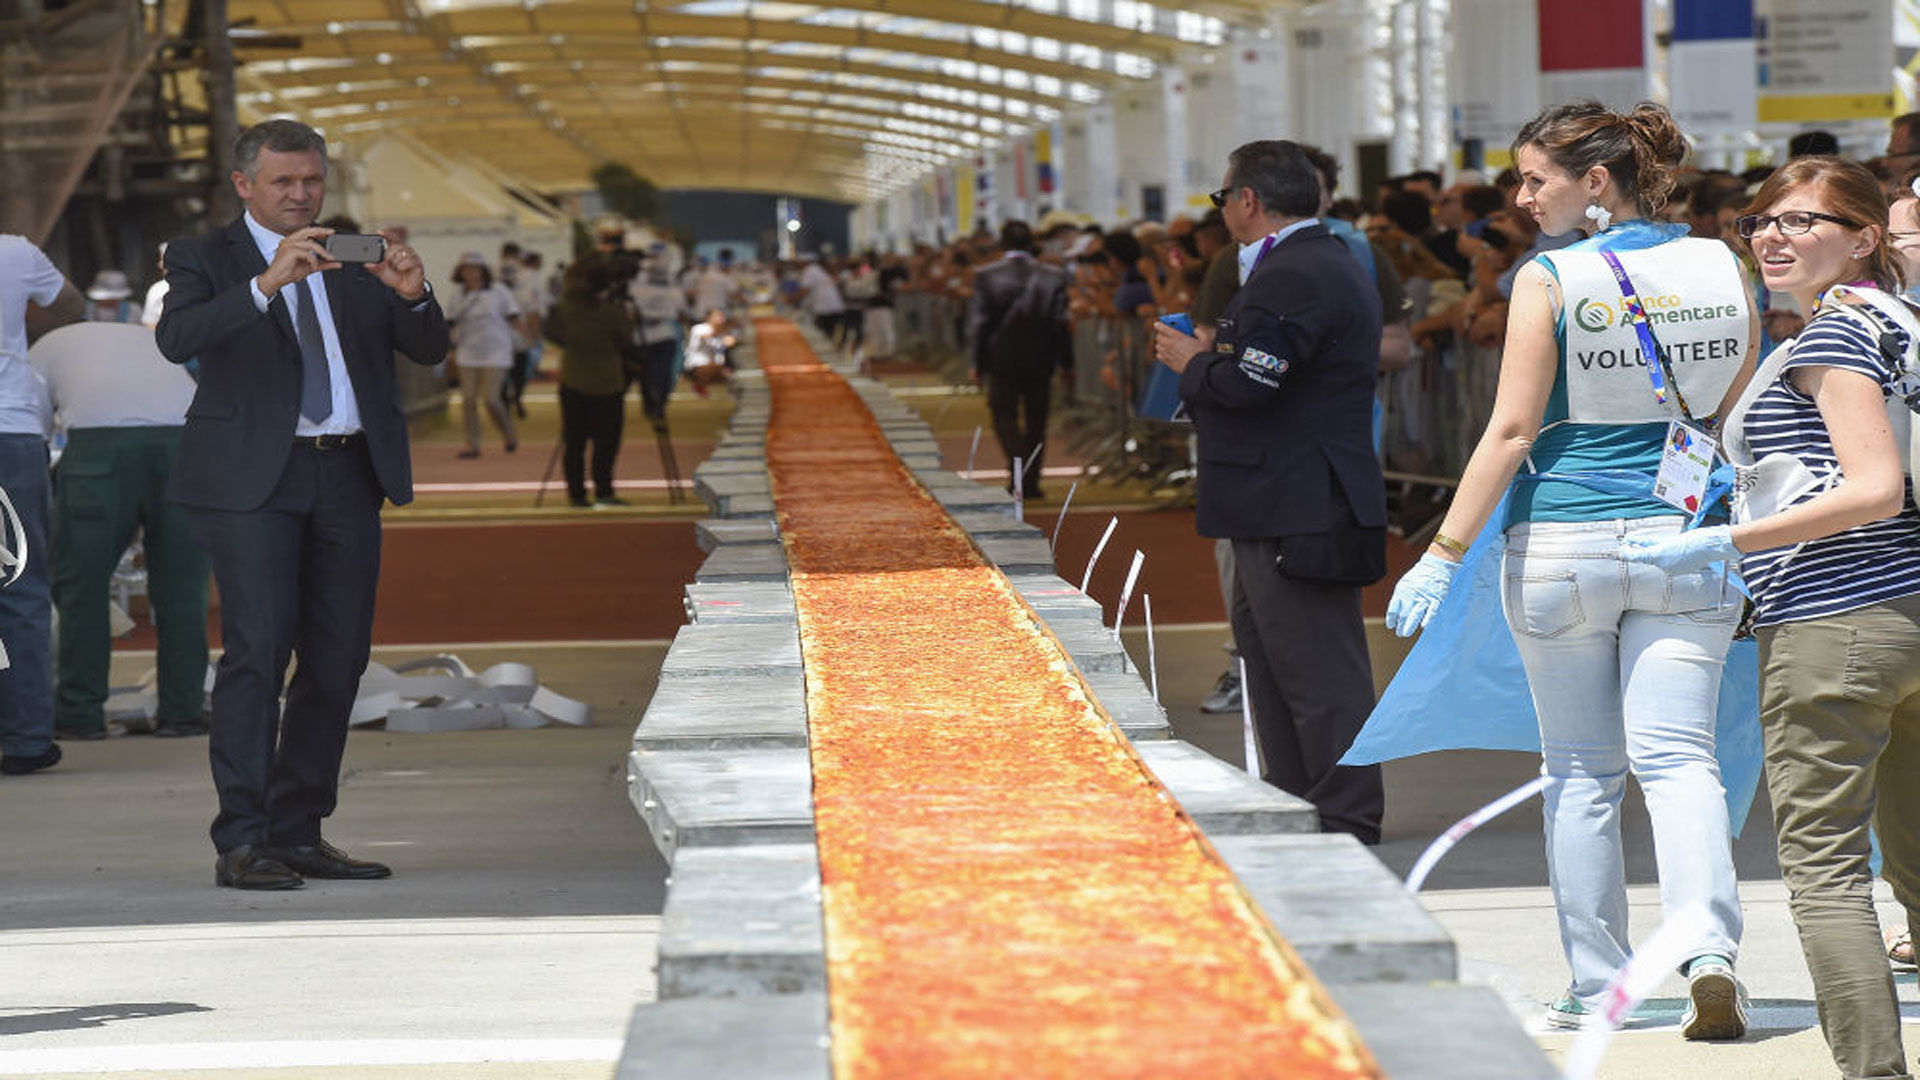 Cuánto-mide-la-pizza-más-larga-del-mundo-1920